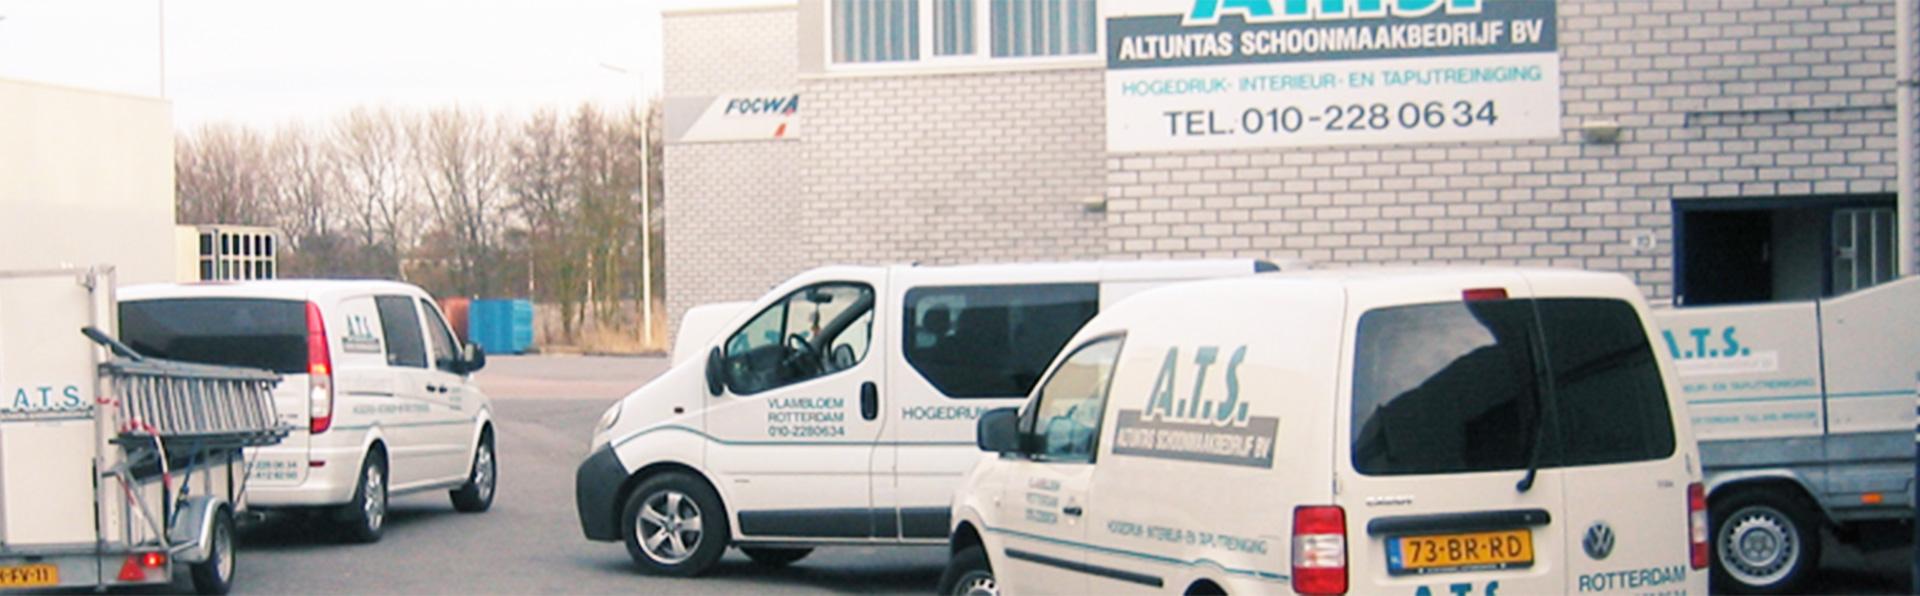 Schoonmaakbedrijf- Naaldwijk- ATS-header